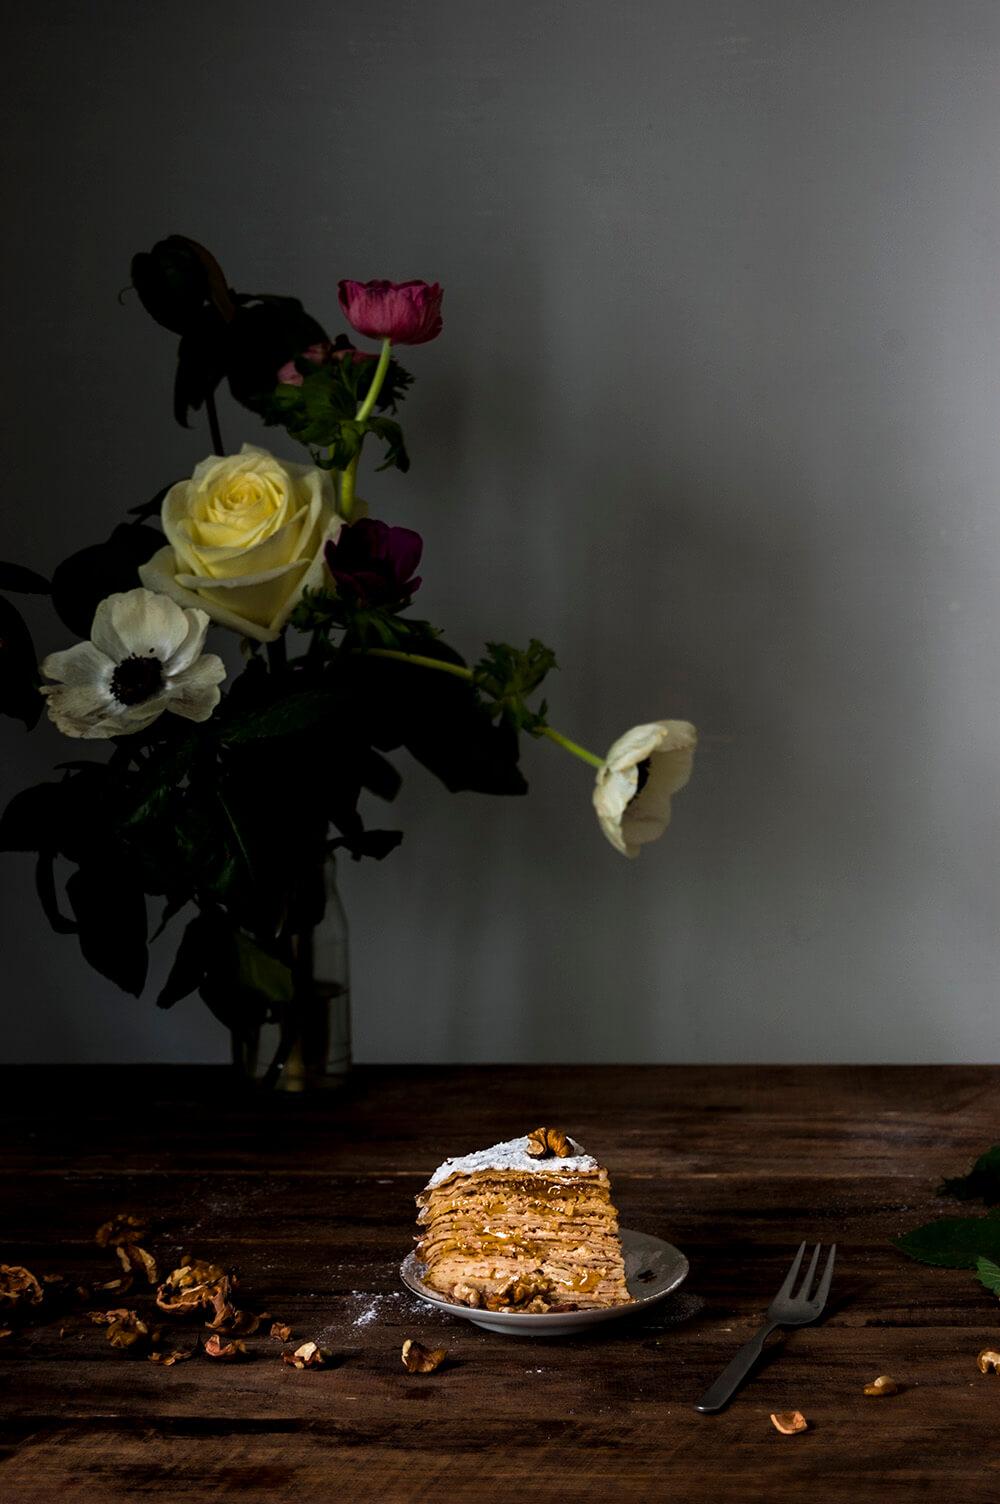 receta de tarta de crepes con nueces y mermelada